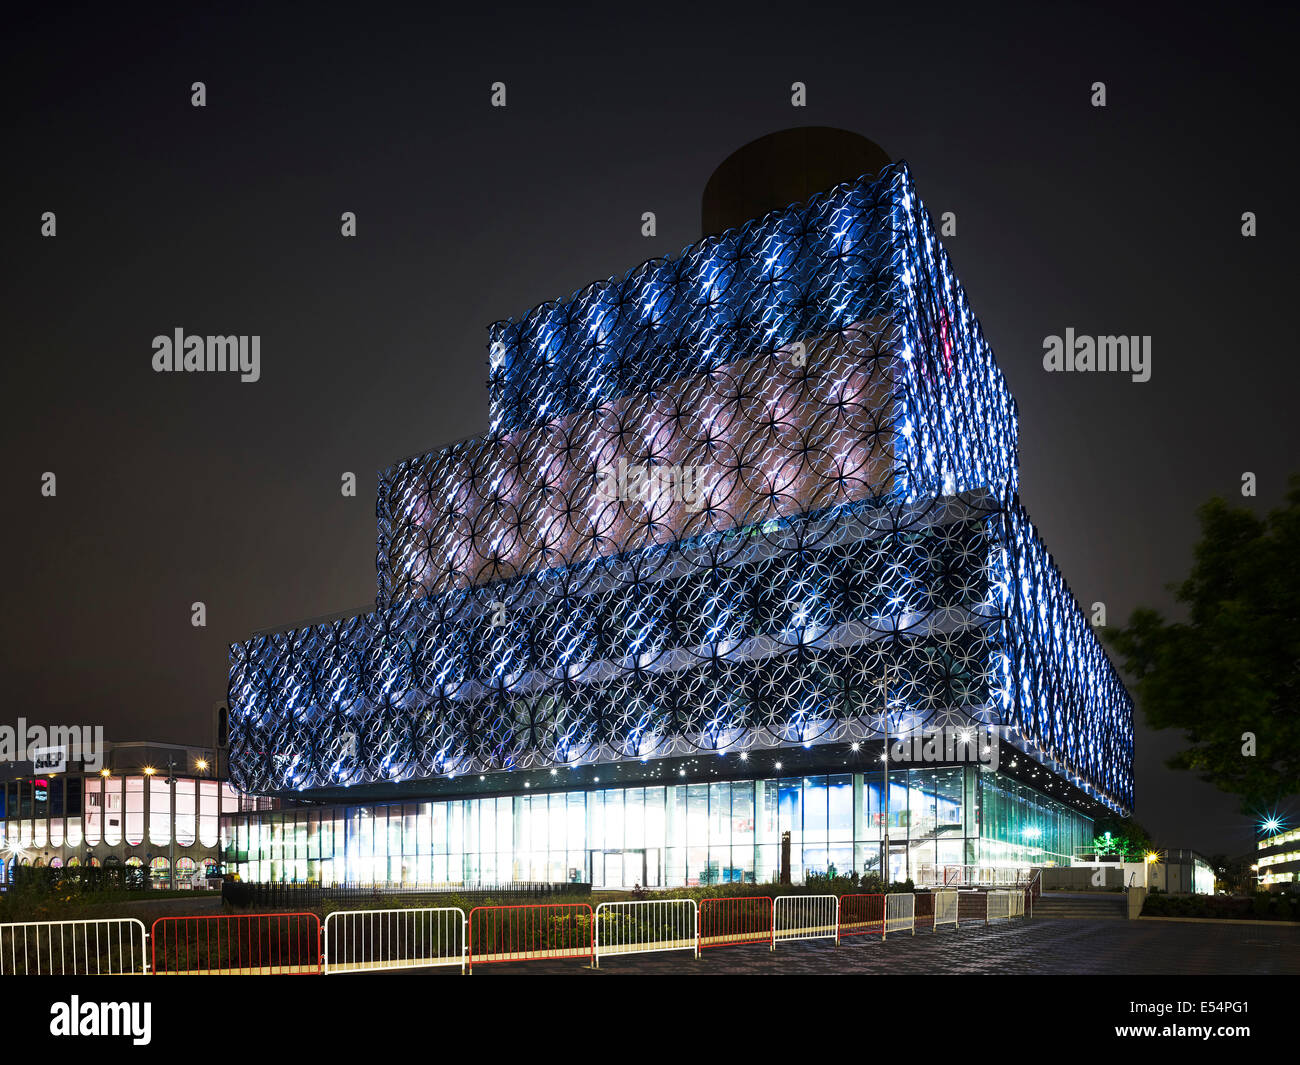 Library Of Birmingham Birmingham United Kingdom